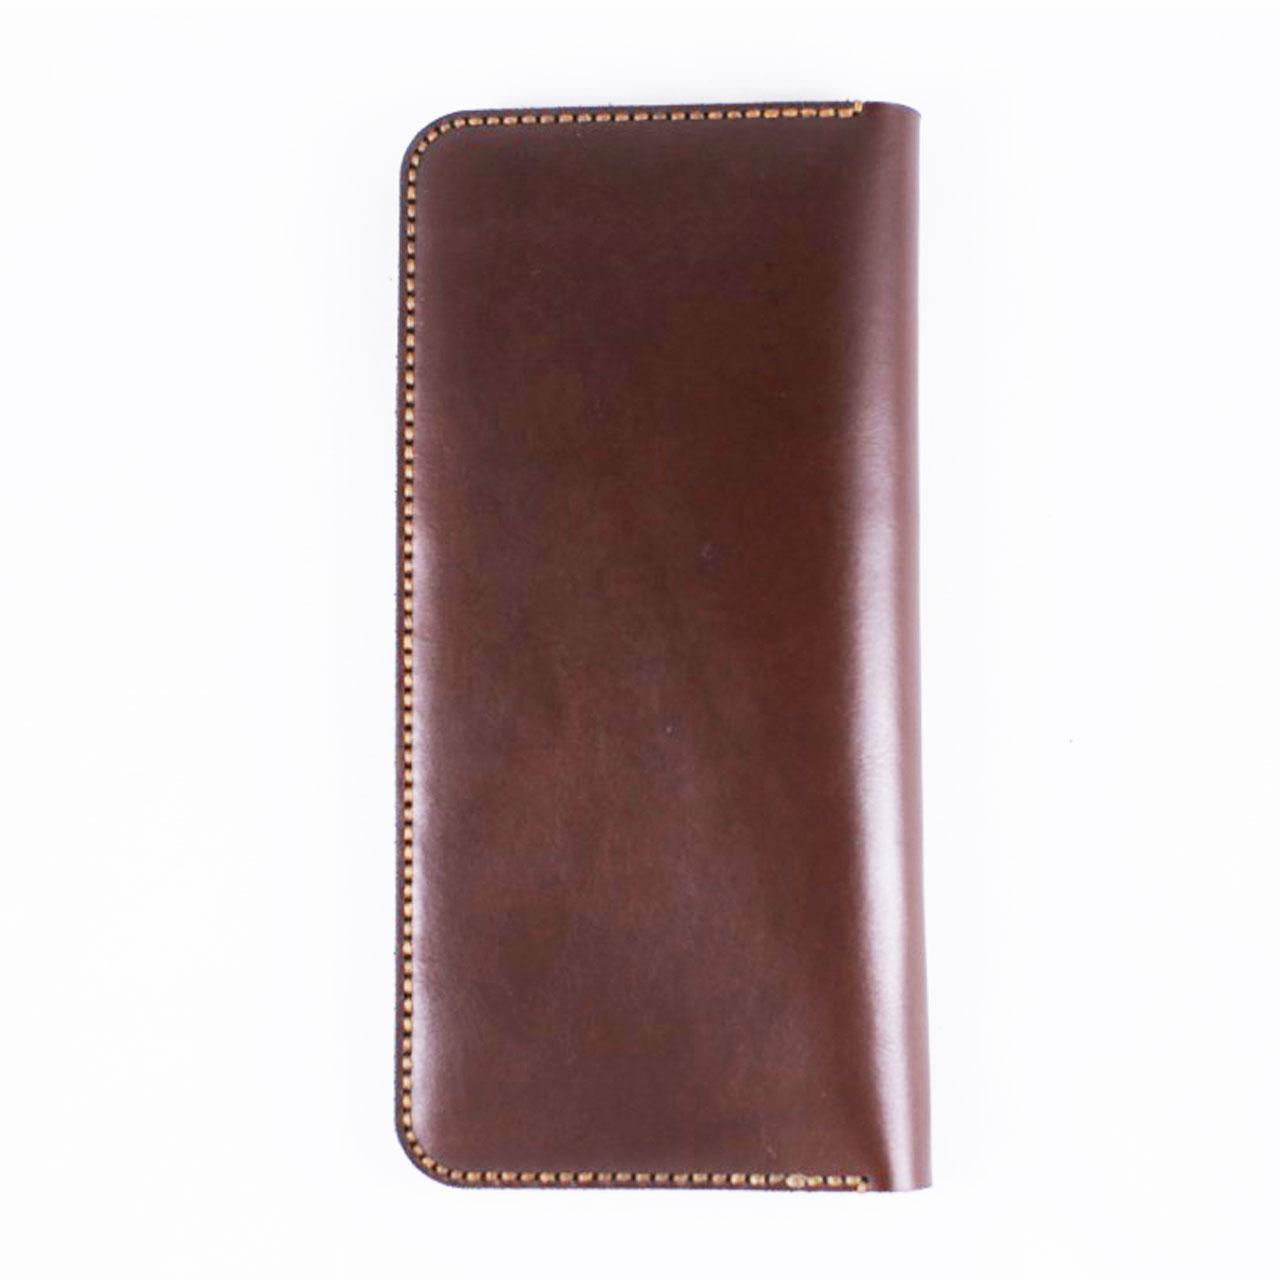 کیف پول چرم ونوم مدل CM001